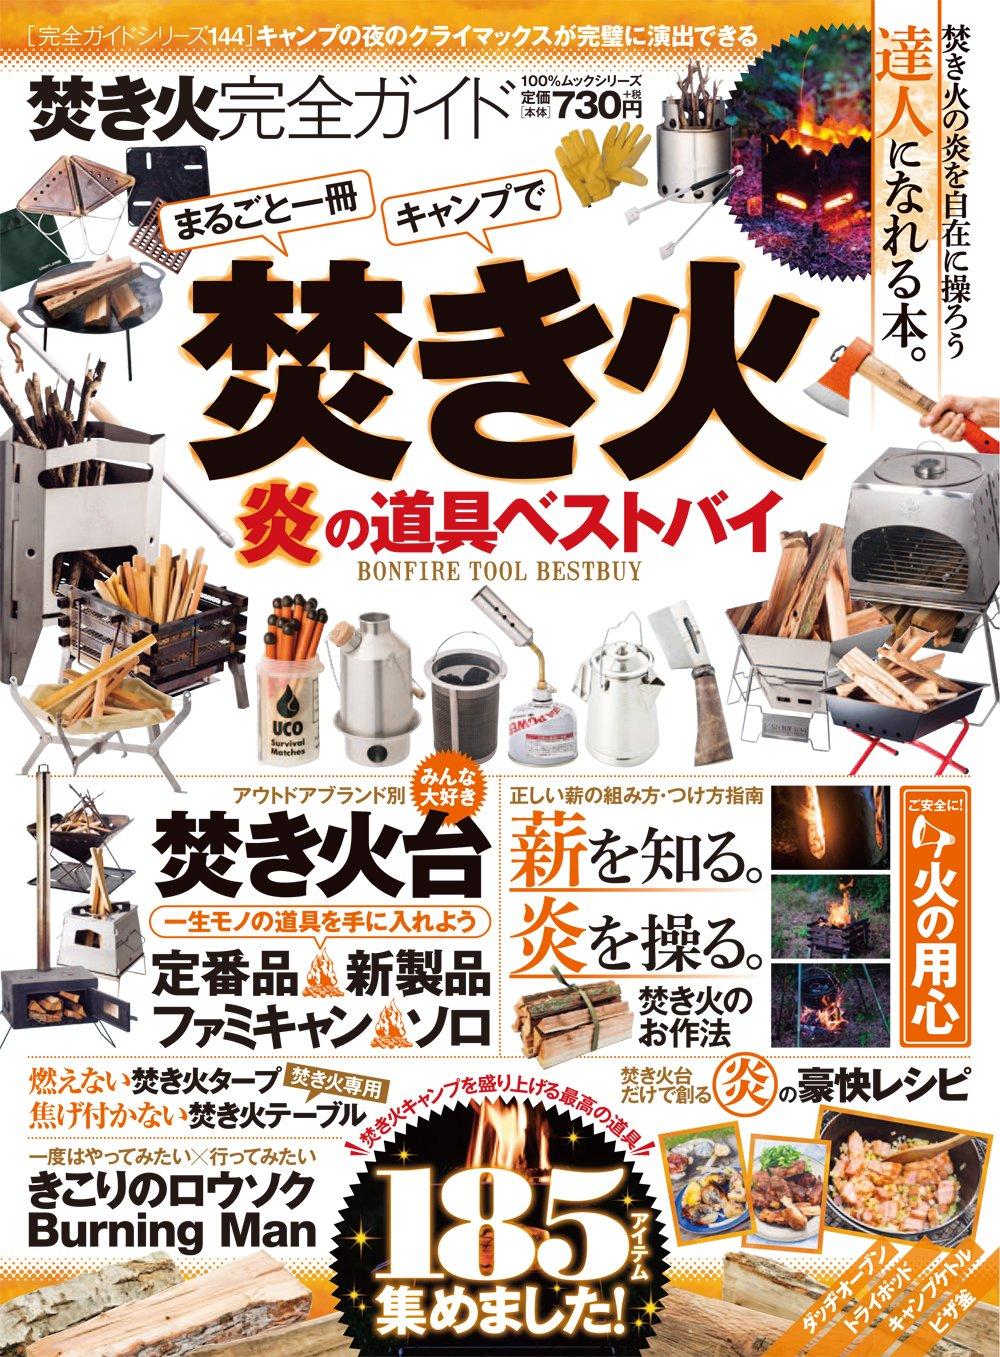 『焚き火完全ガイド 焚き火 炎の道具ベストバイ』(晋遊舎)